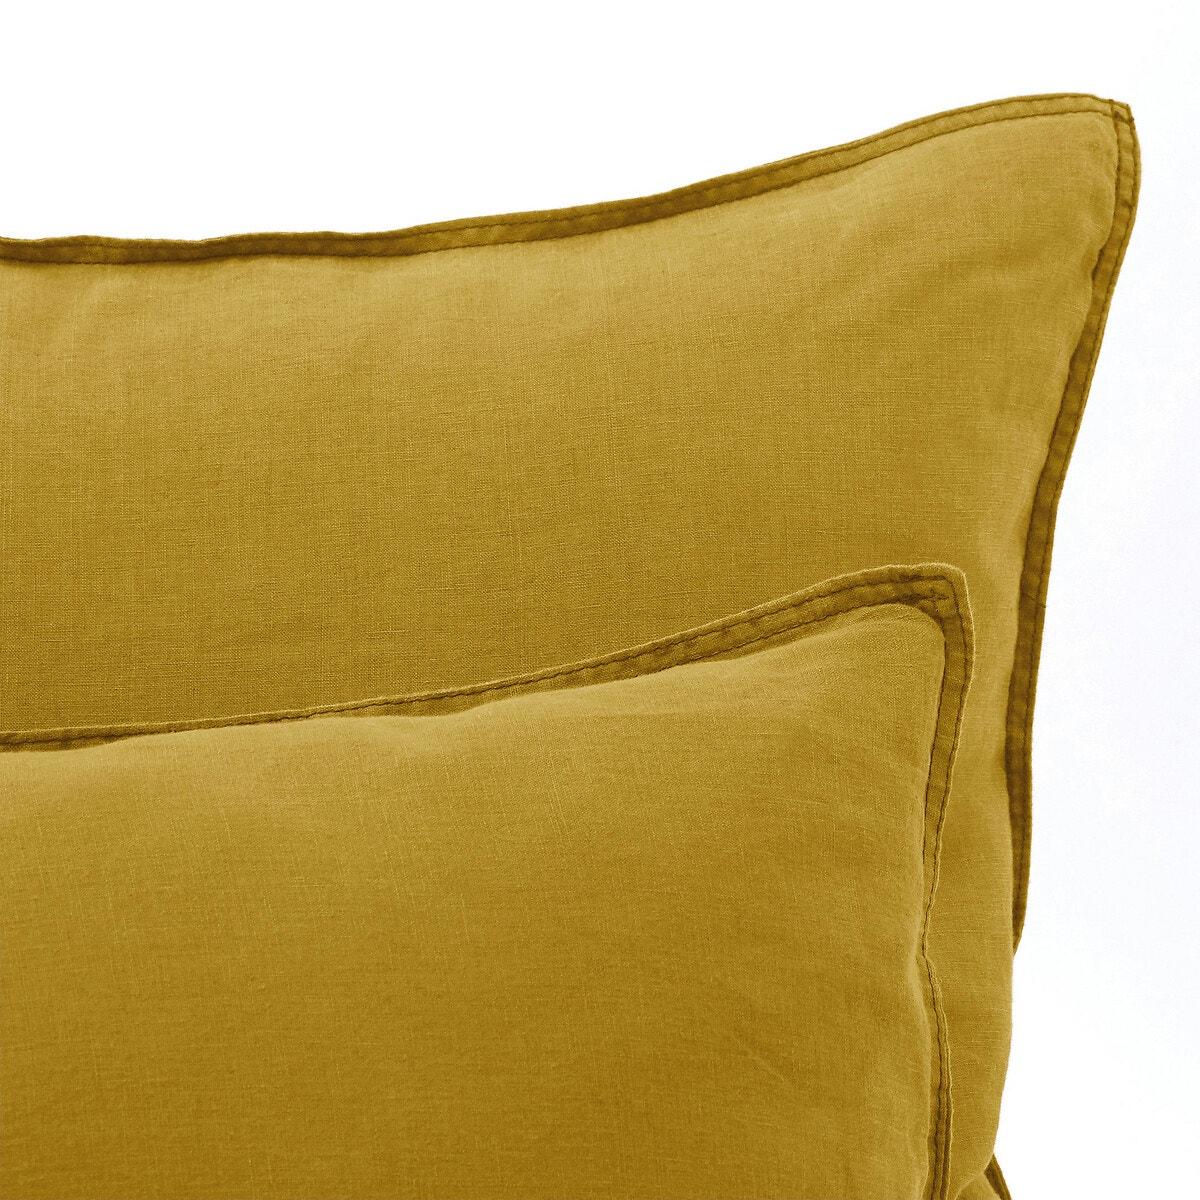 Helm ヘンプ枕カバー